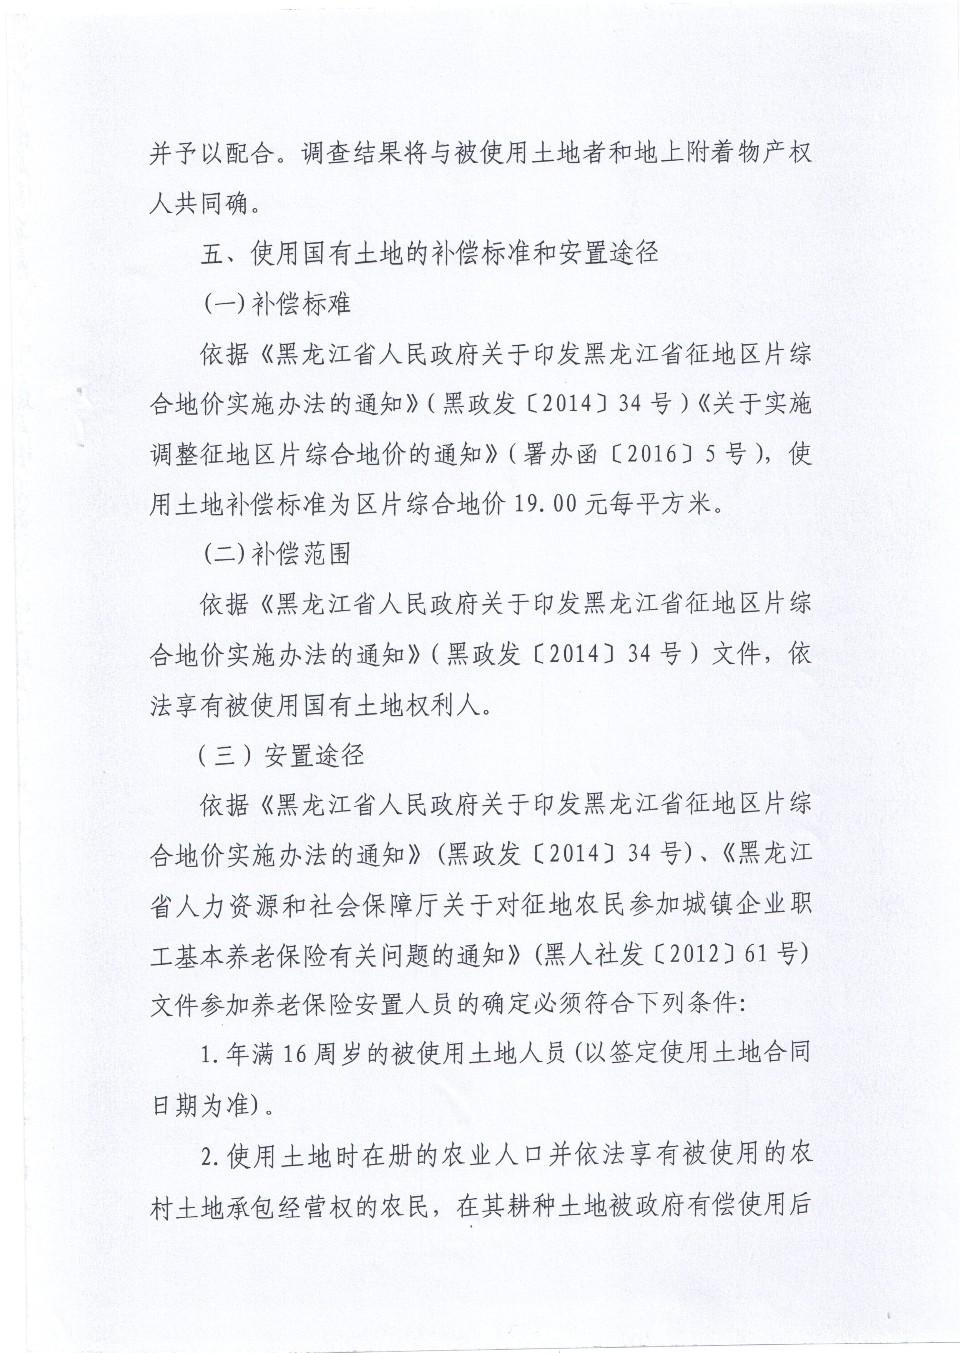 加格达奇区使用国有土地预公告2.jpg